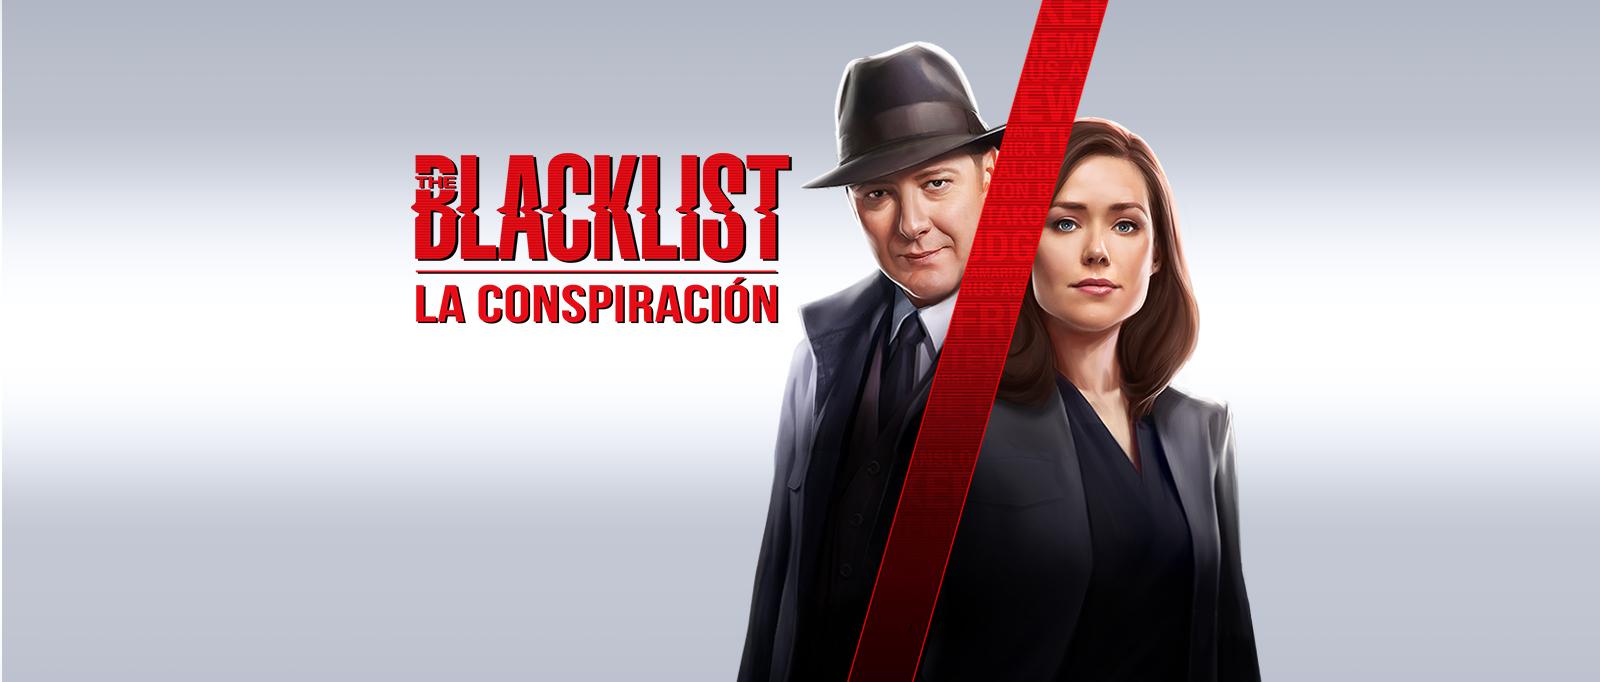 The Blacklist: La conspiración